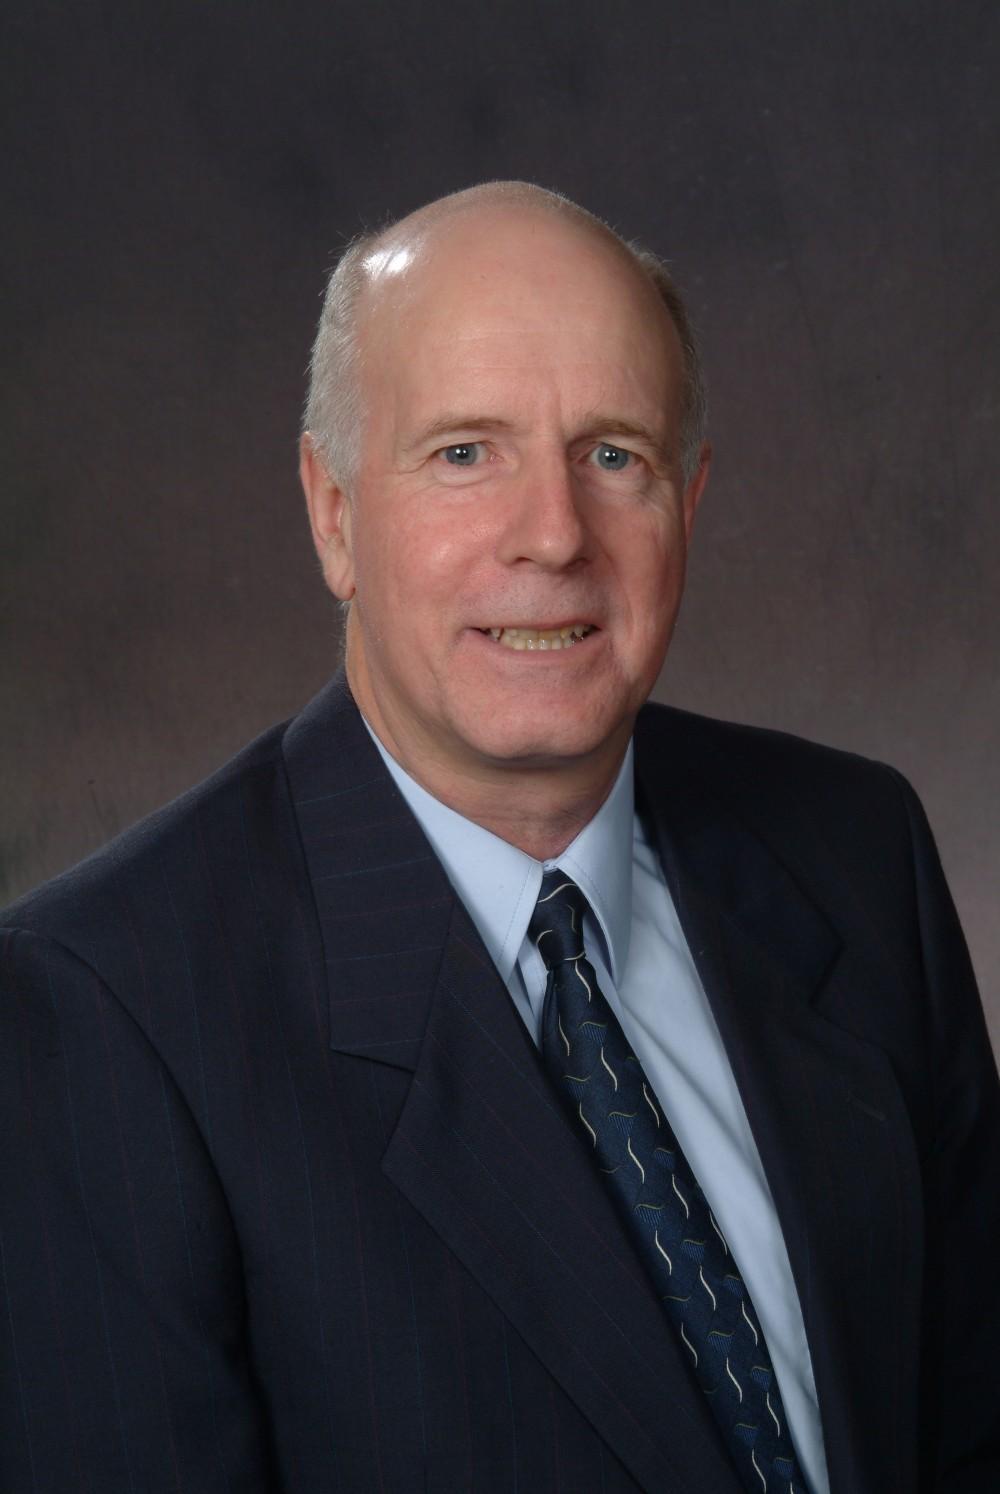 Dr. Dennis O'Neal